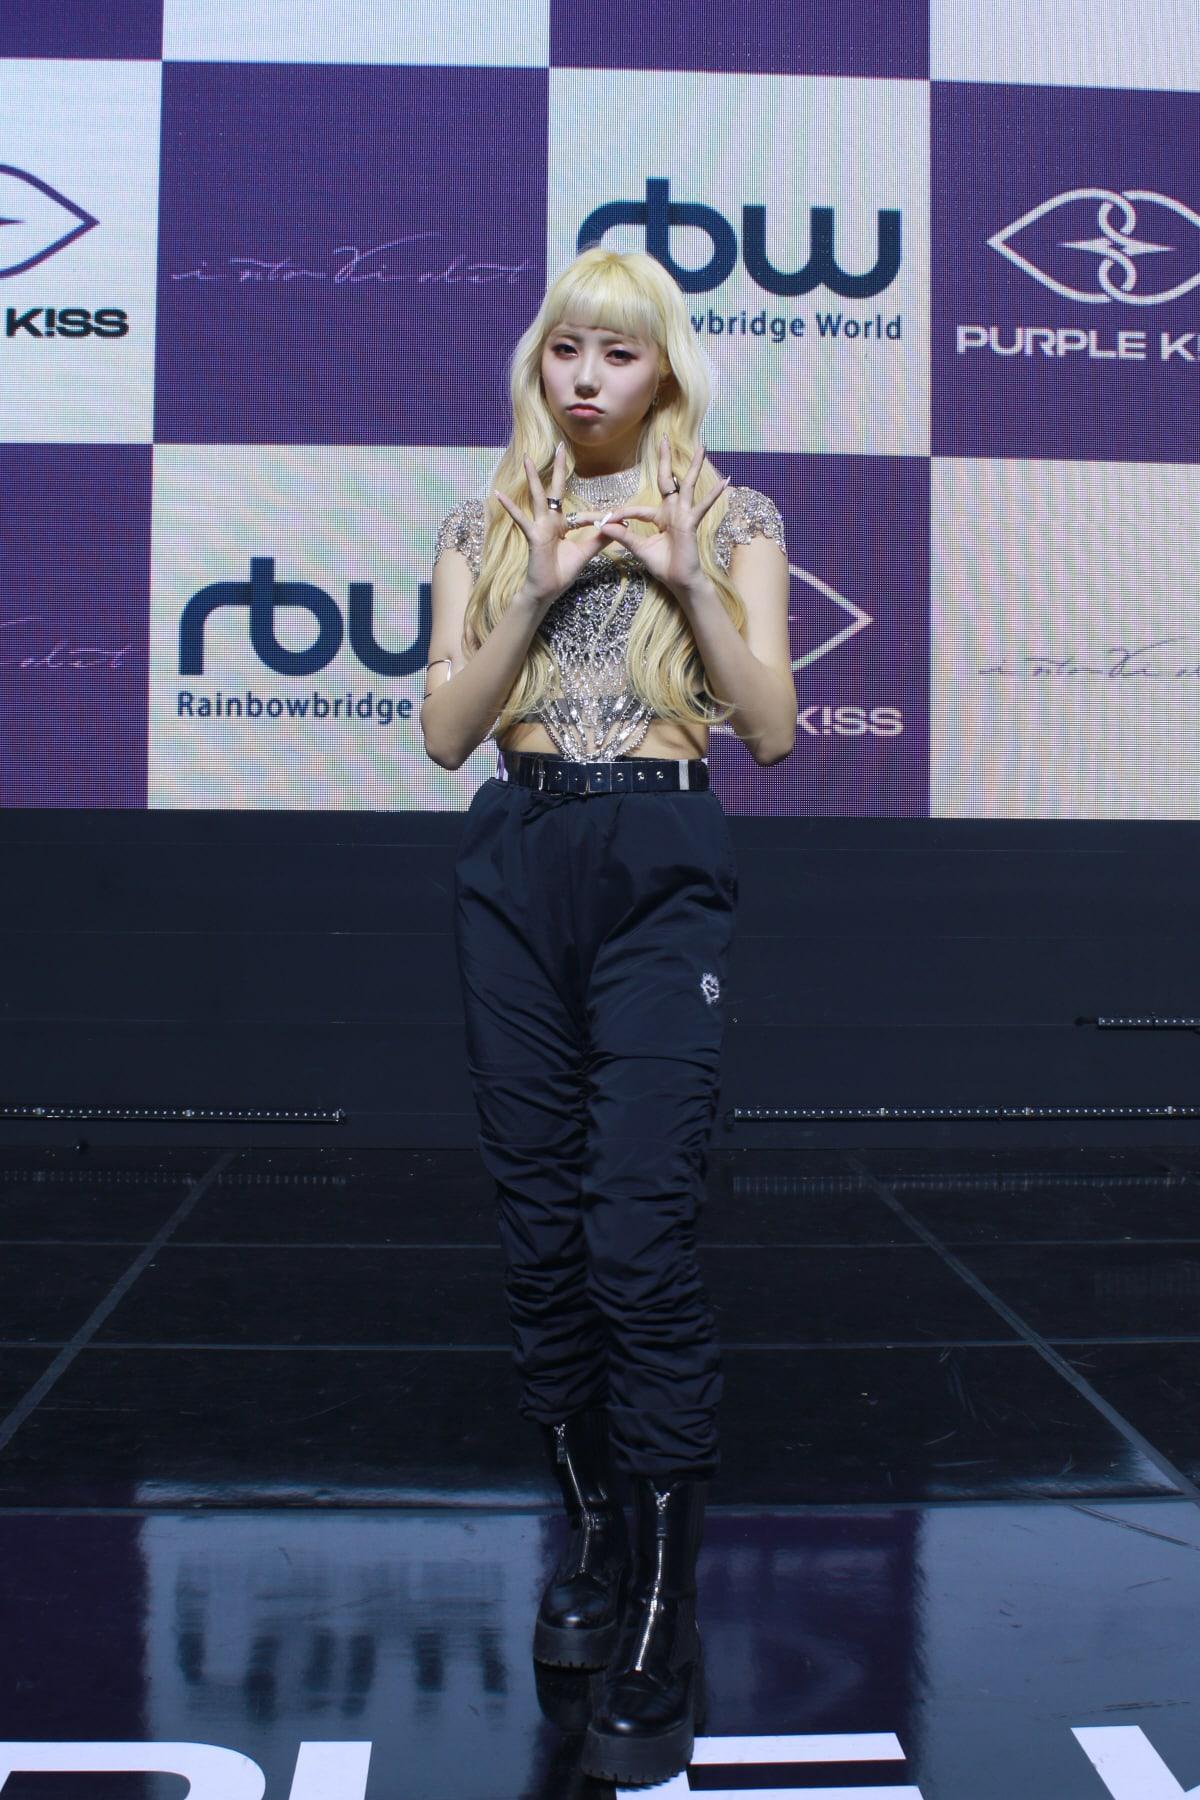 purple-kiss-7